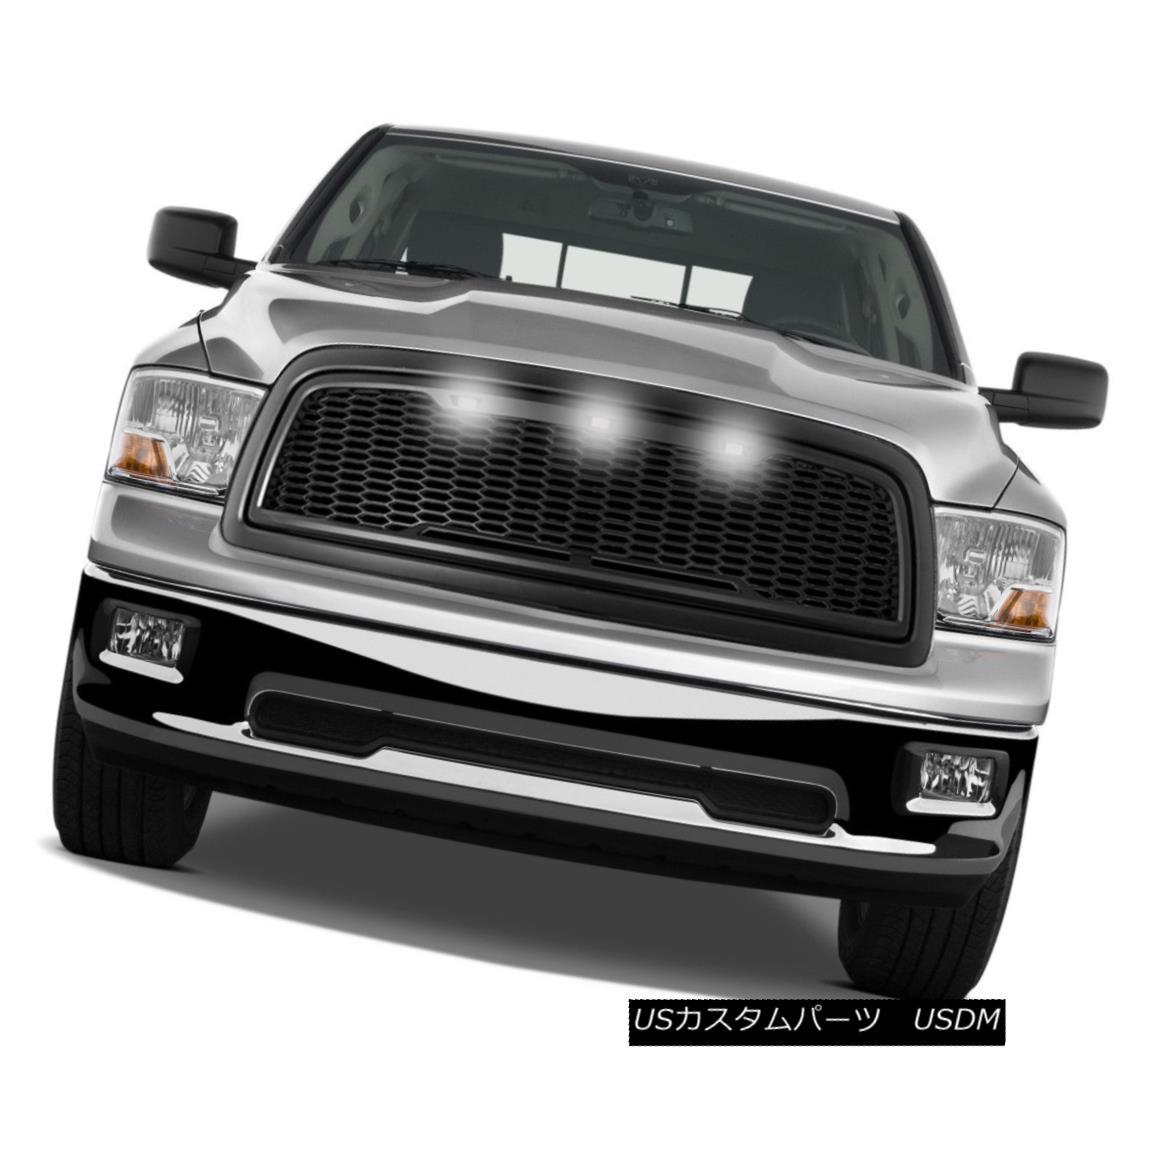 グリル 09-12 Dodge RAM Raptor Style Matte Black Replacement Mesh Grille+Shell+White LED 09-12ダッジRAMラプタースタイルマットブラック交換メッシュグリル+シェル+ W hite LED